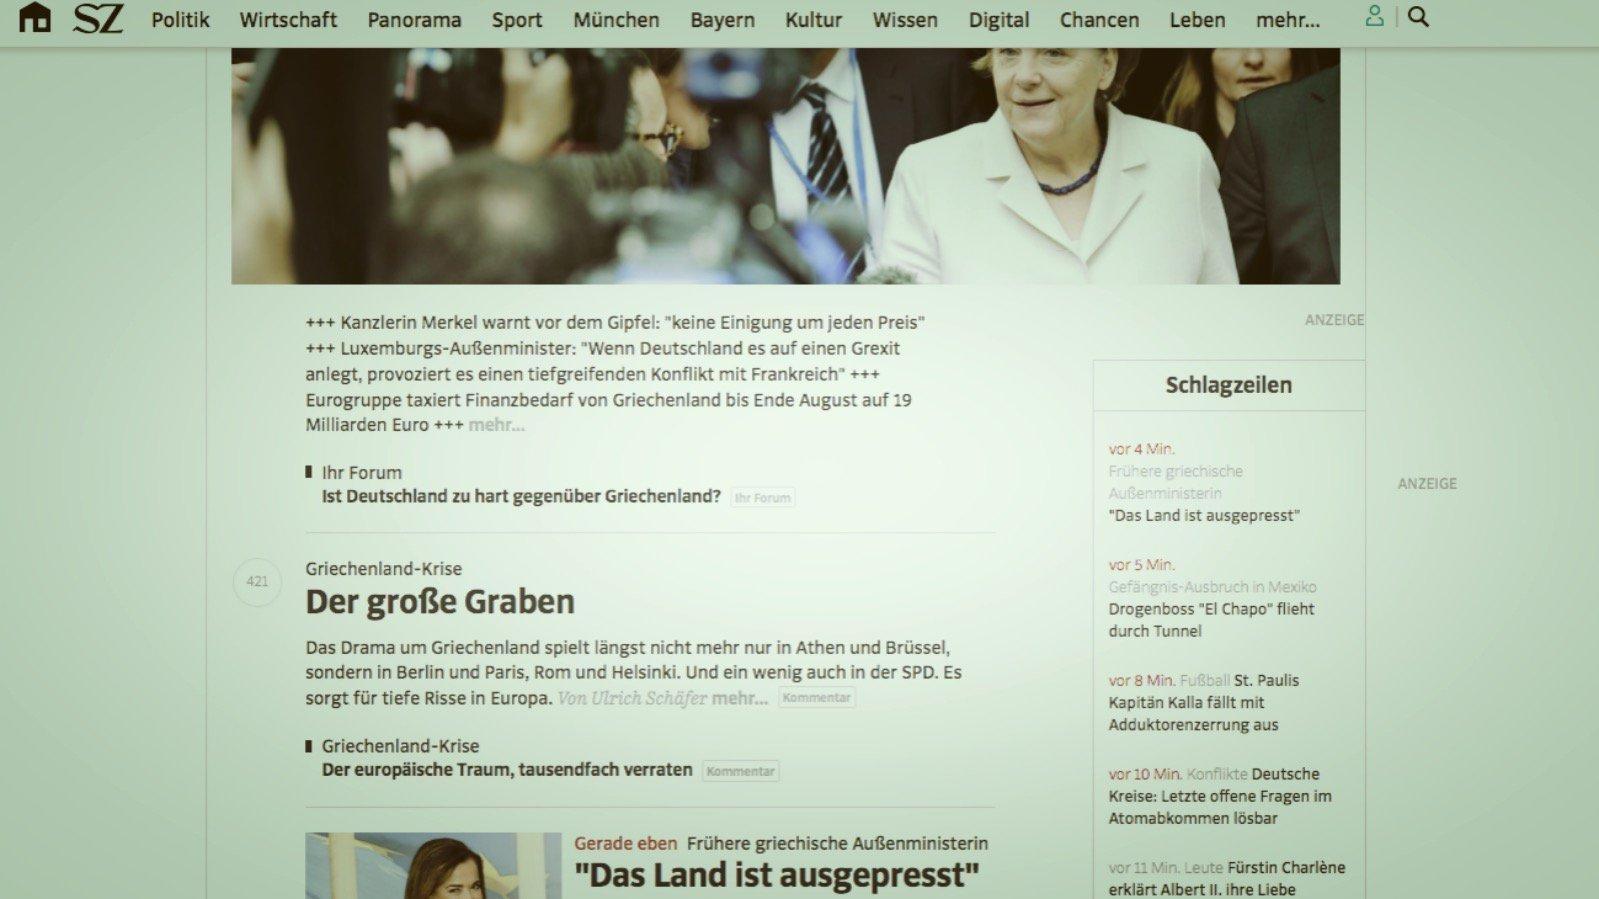 Startseite der Süddeutschen am 12.07.2015